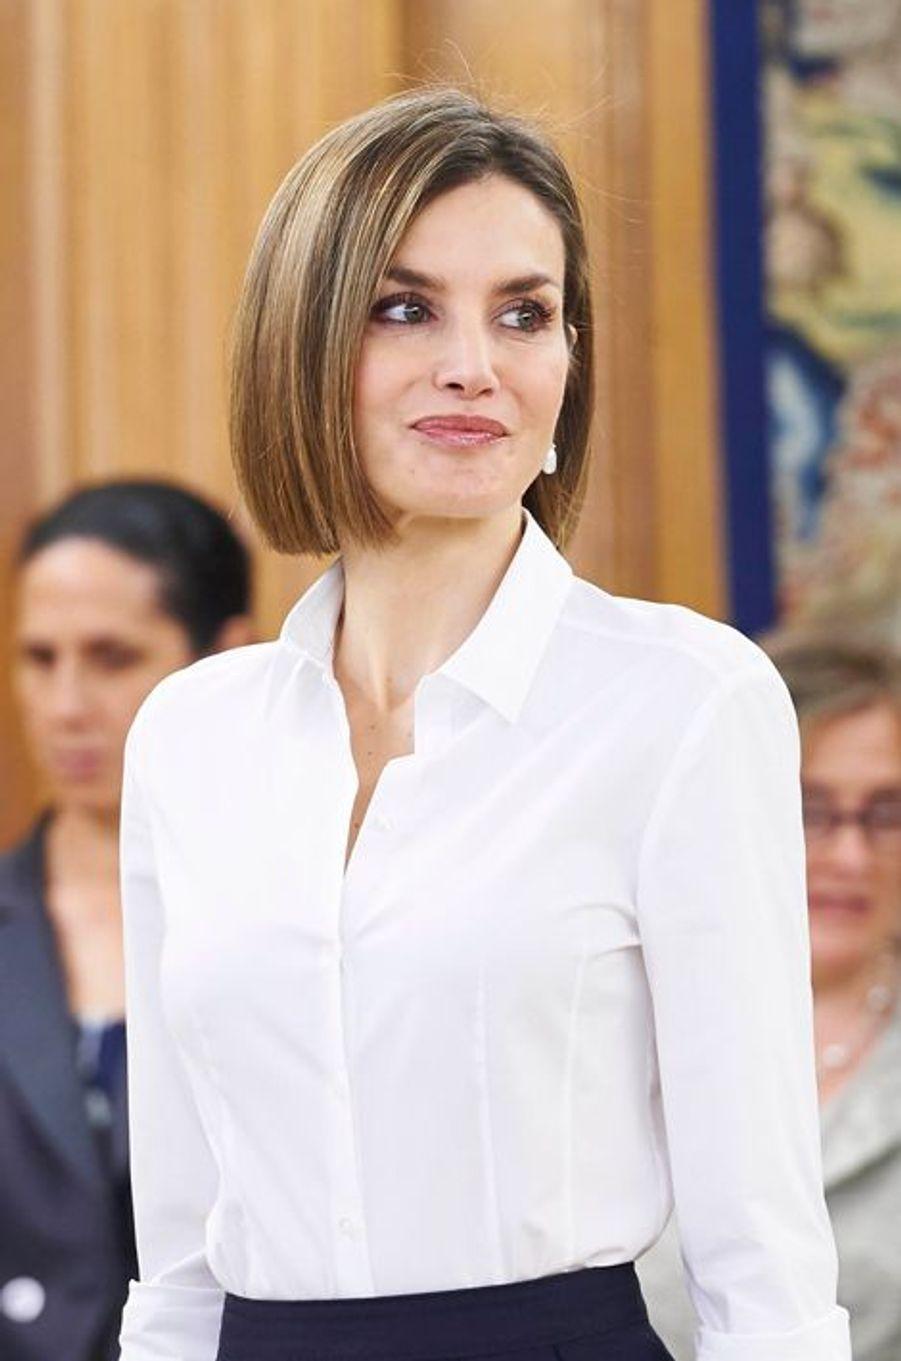 La reine Letizia d'Espagne à Madrid, le 2 septembre 2015